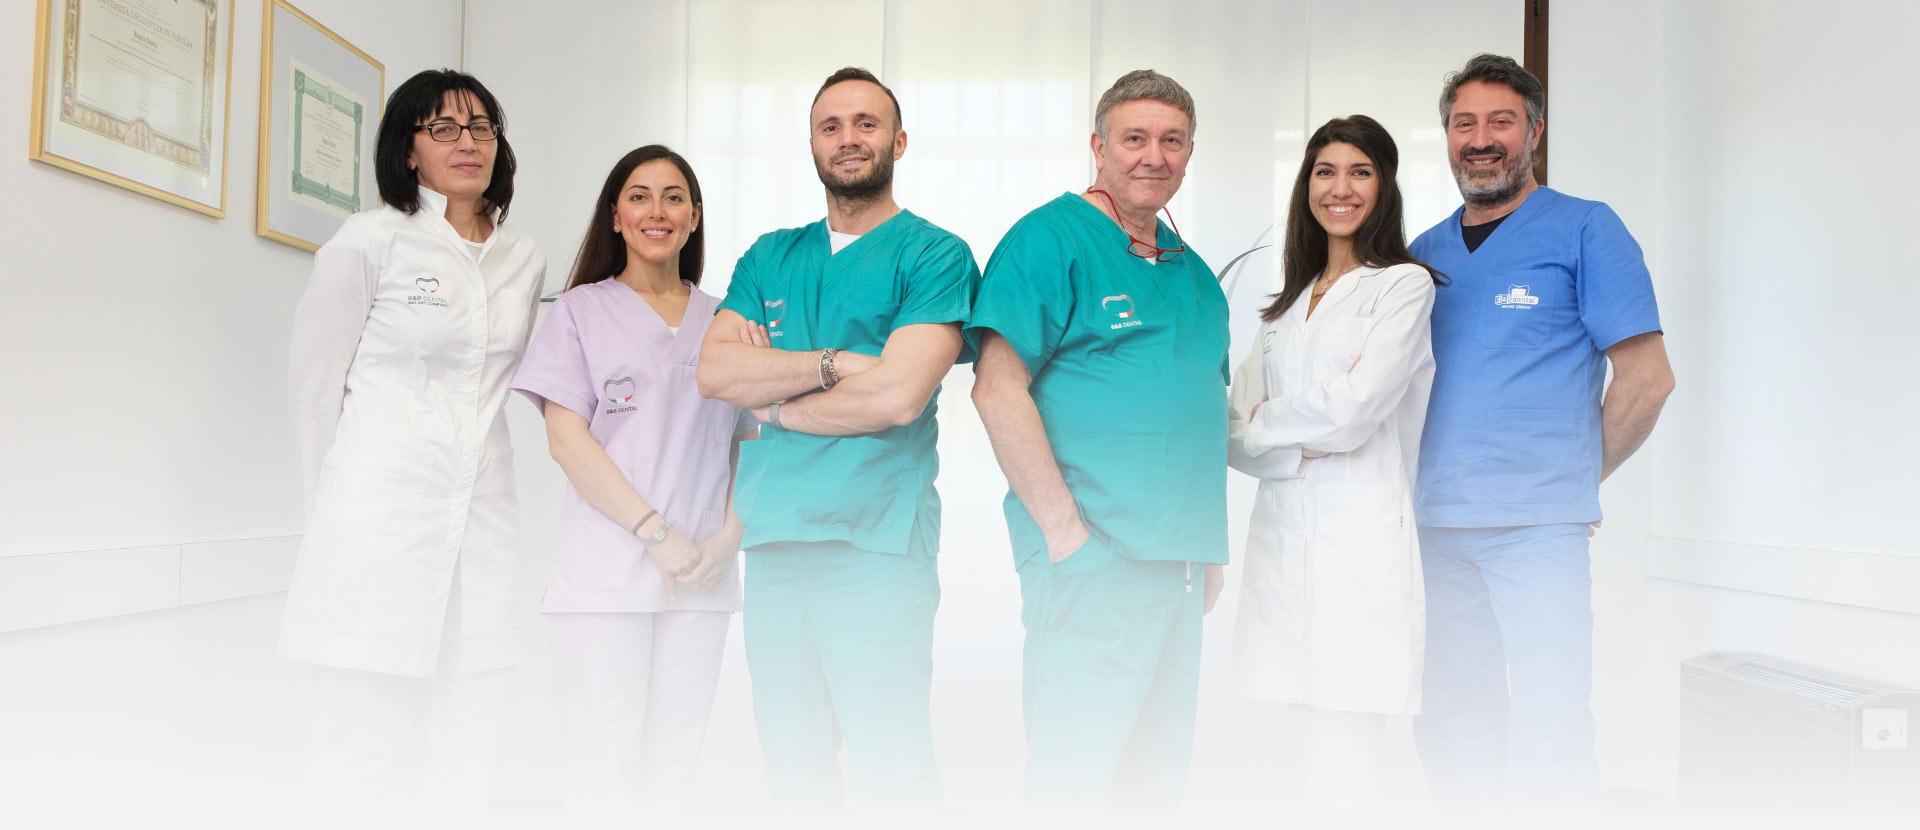 Il team homepage Studio Dentistico Banzi Dentista a Pieve di Cento   Studio Dentistico a Pieve di Cento   Studio Dentistico Banzi